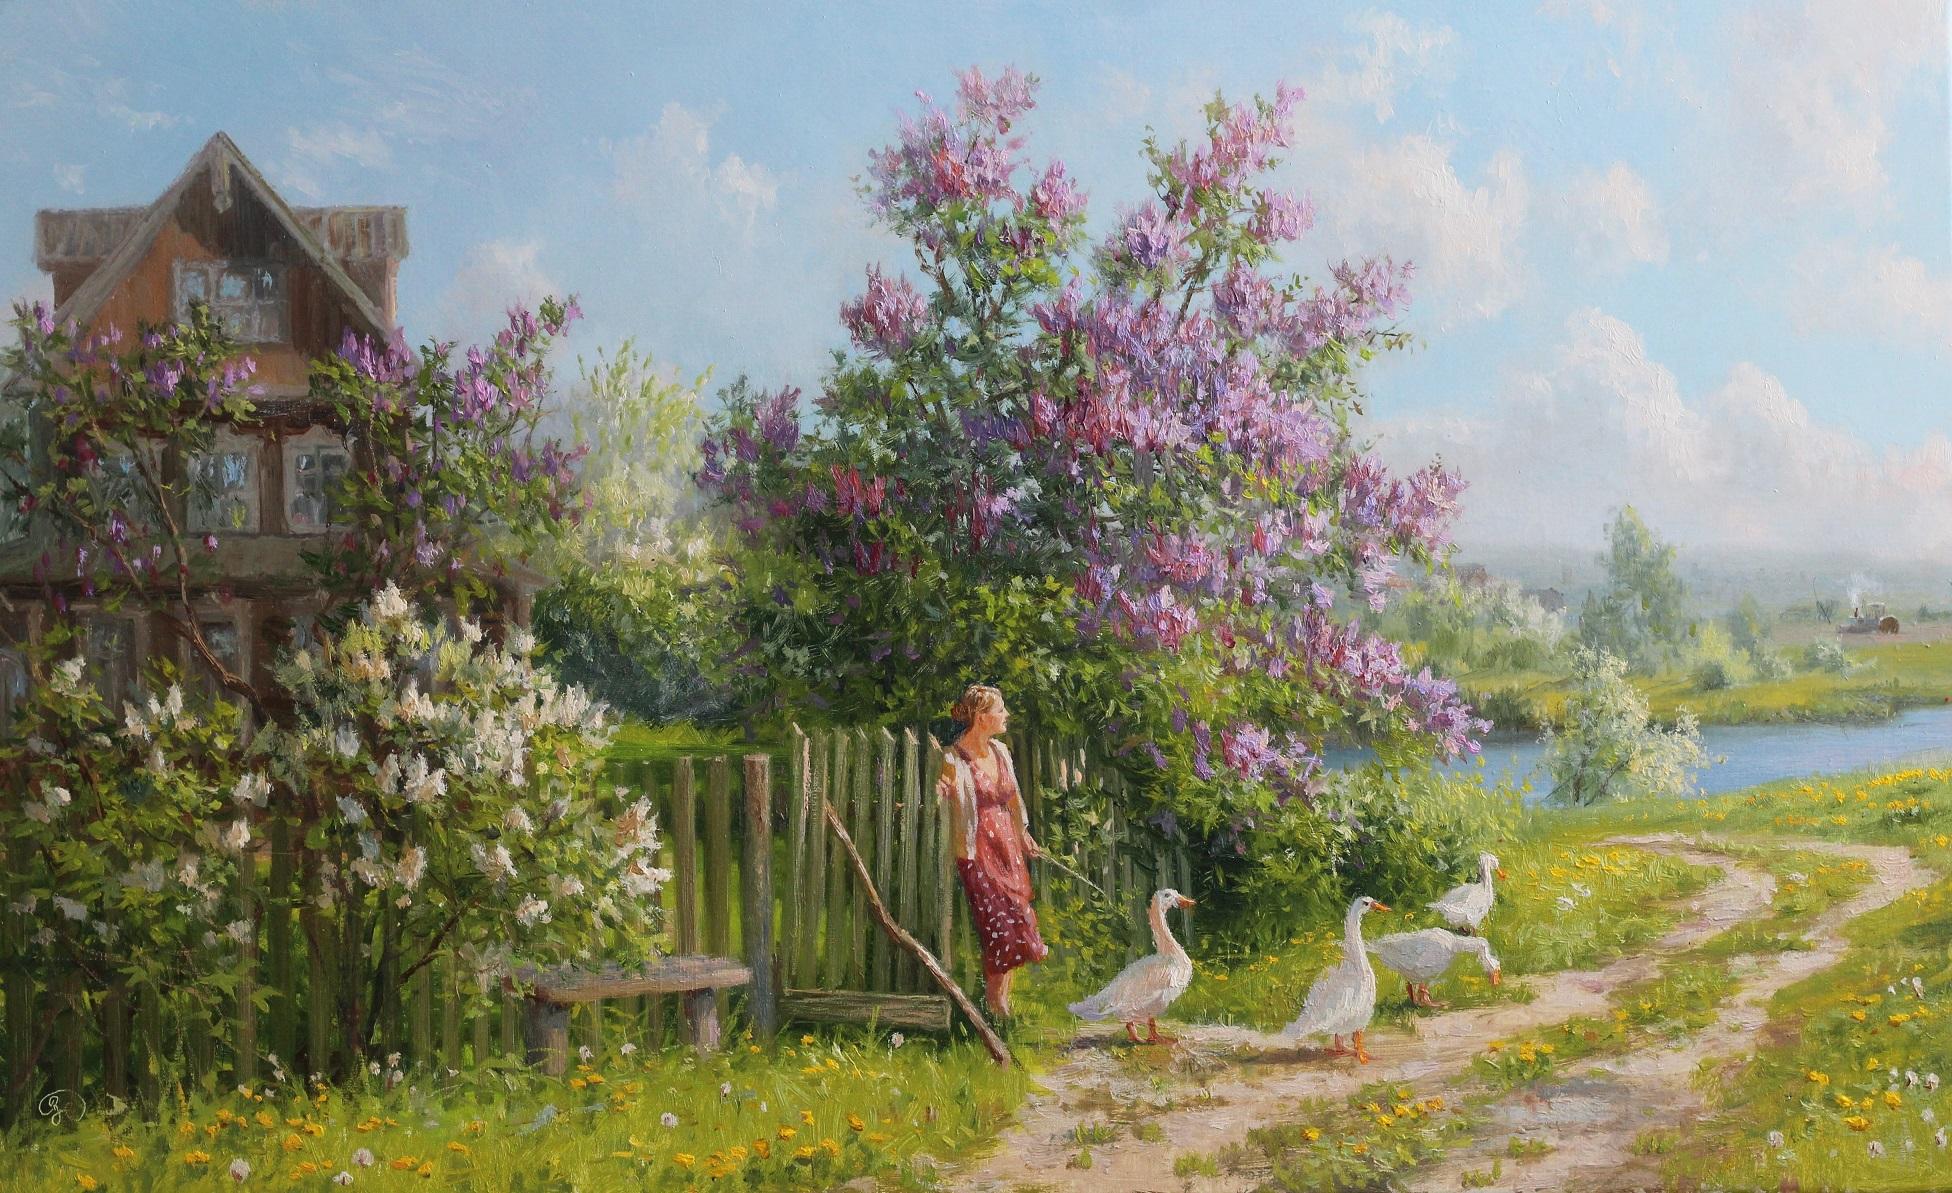 деревенский пейзаж с цветущими садами фото материалы для отделки